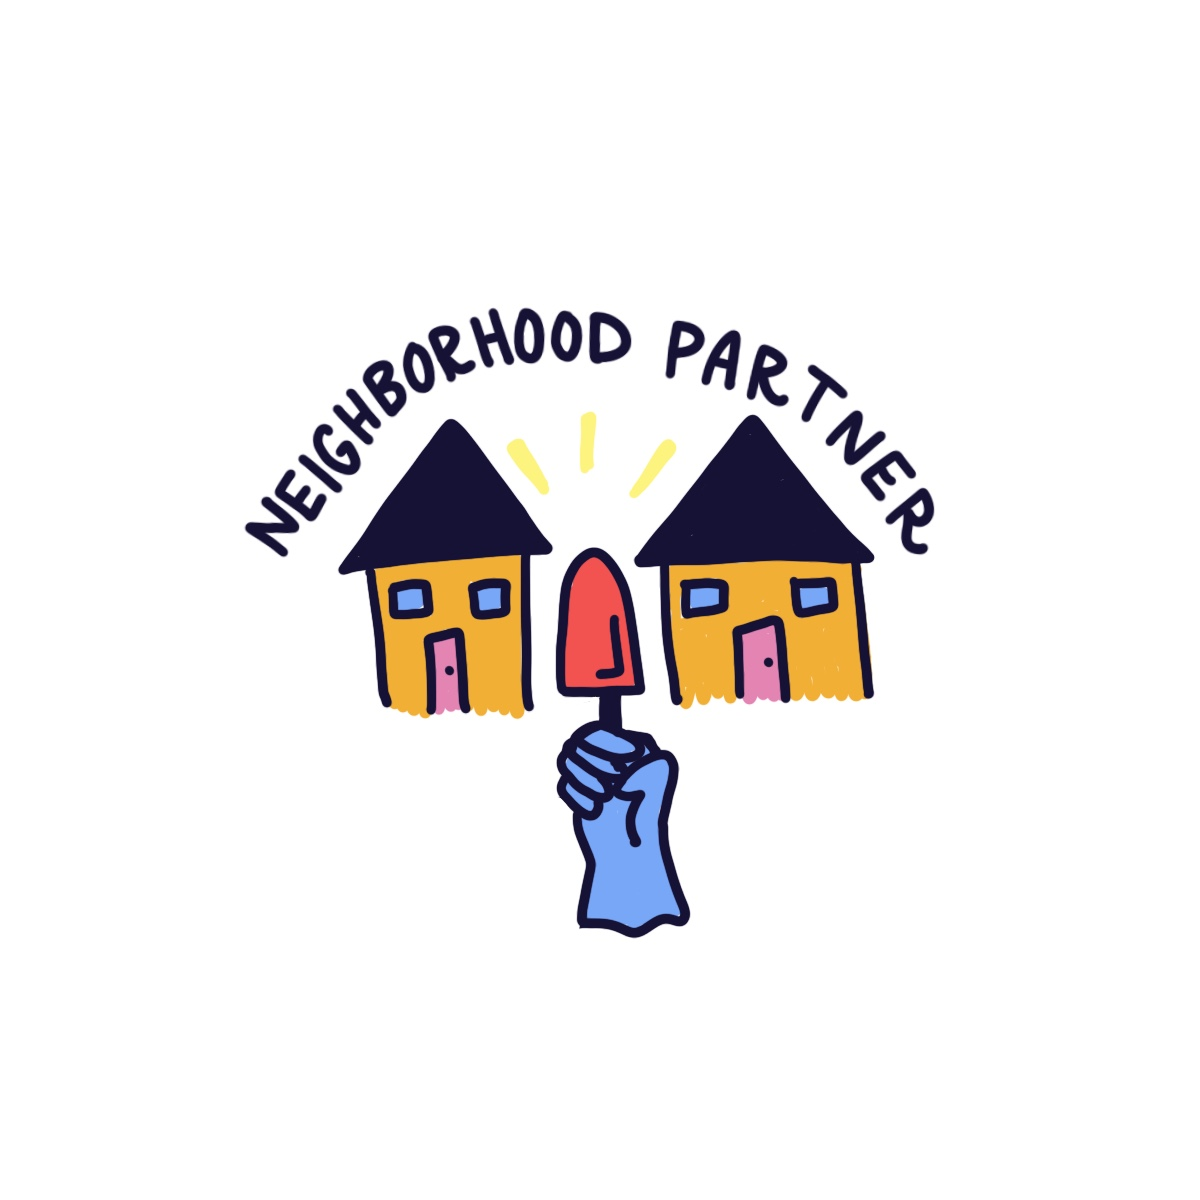 Neighborhood_Partner